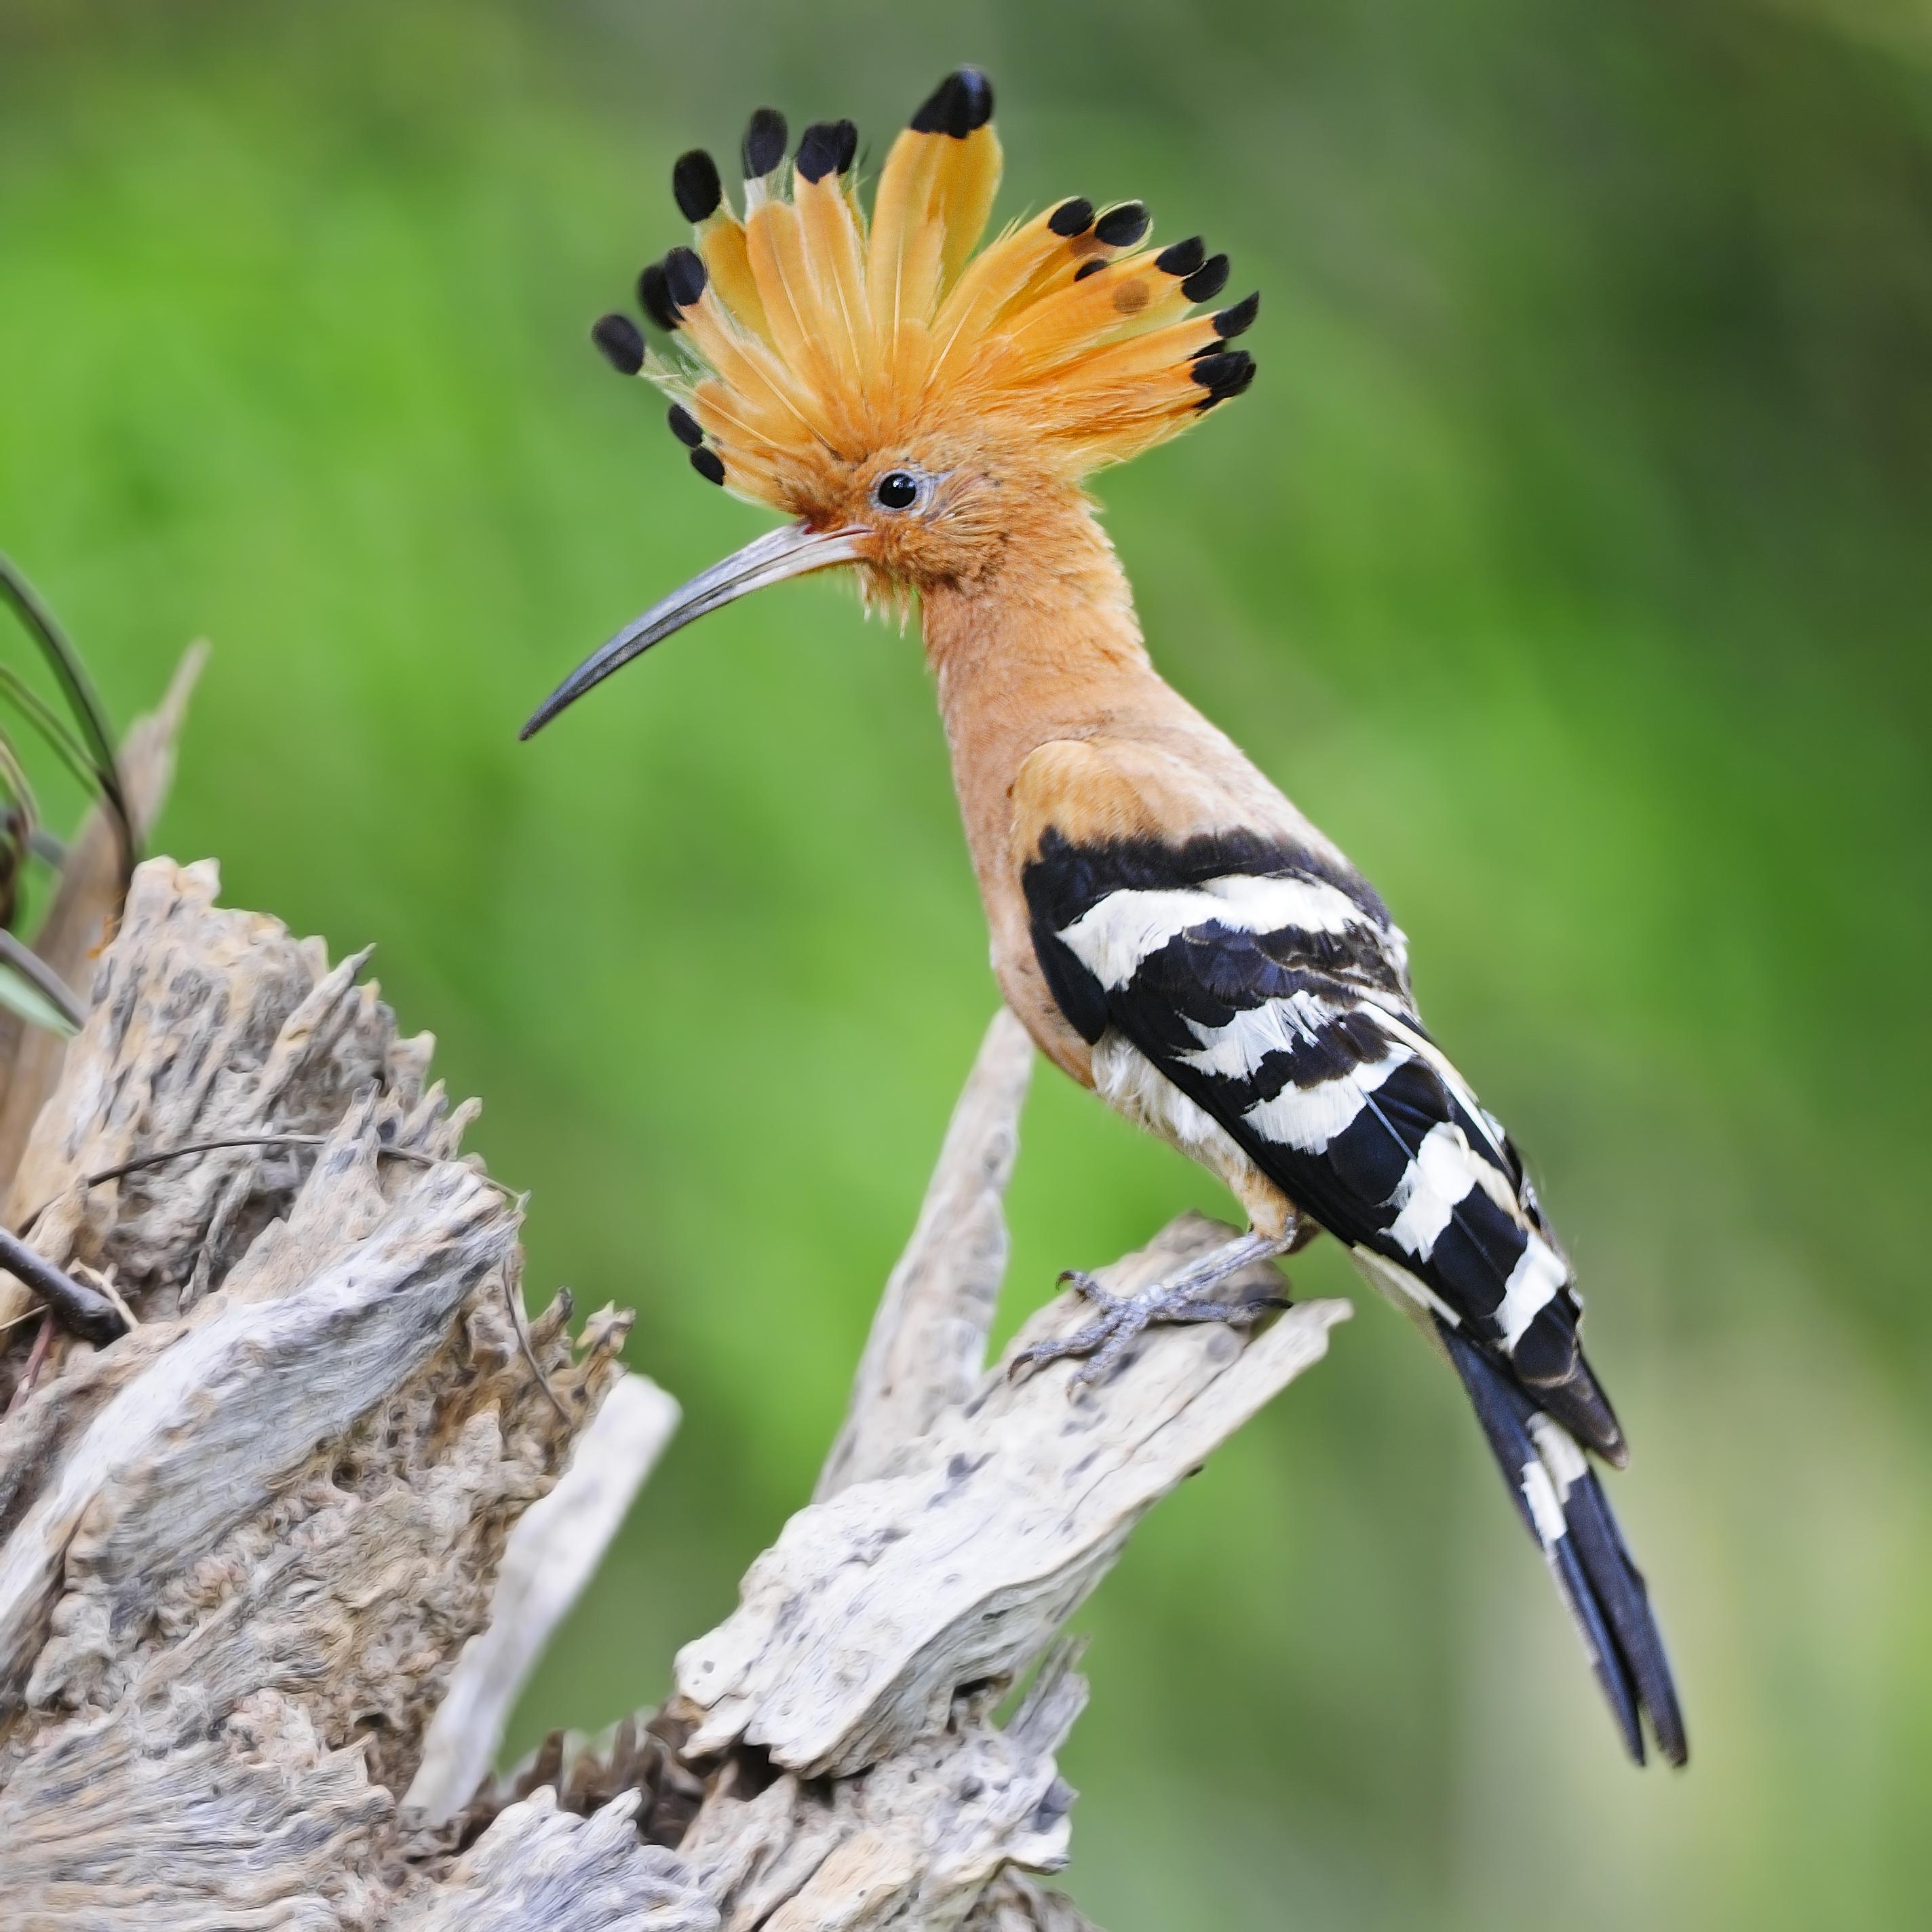 Rétek, legelők környékén él ez a gyönyörű, rózsaszín tollú madár. Hogy nevezik?